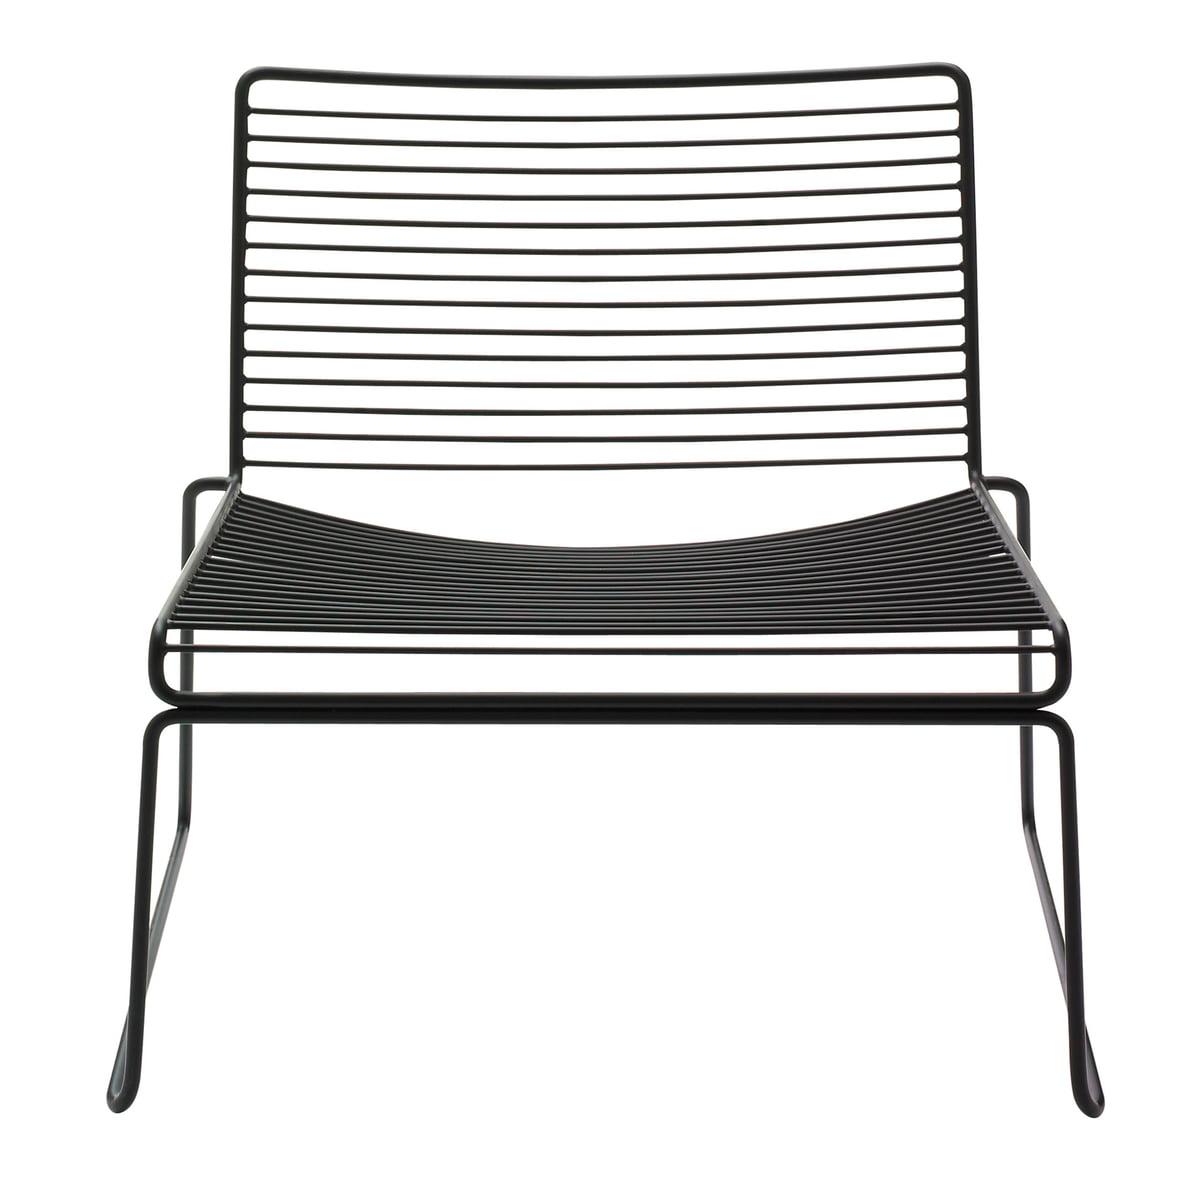 Hay - Hee Lounge Chair, schwarz | Wohnzimmer > Sessel > Loungesessel | Schwarz | Hay